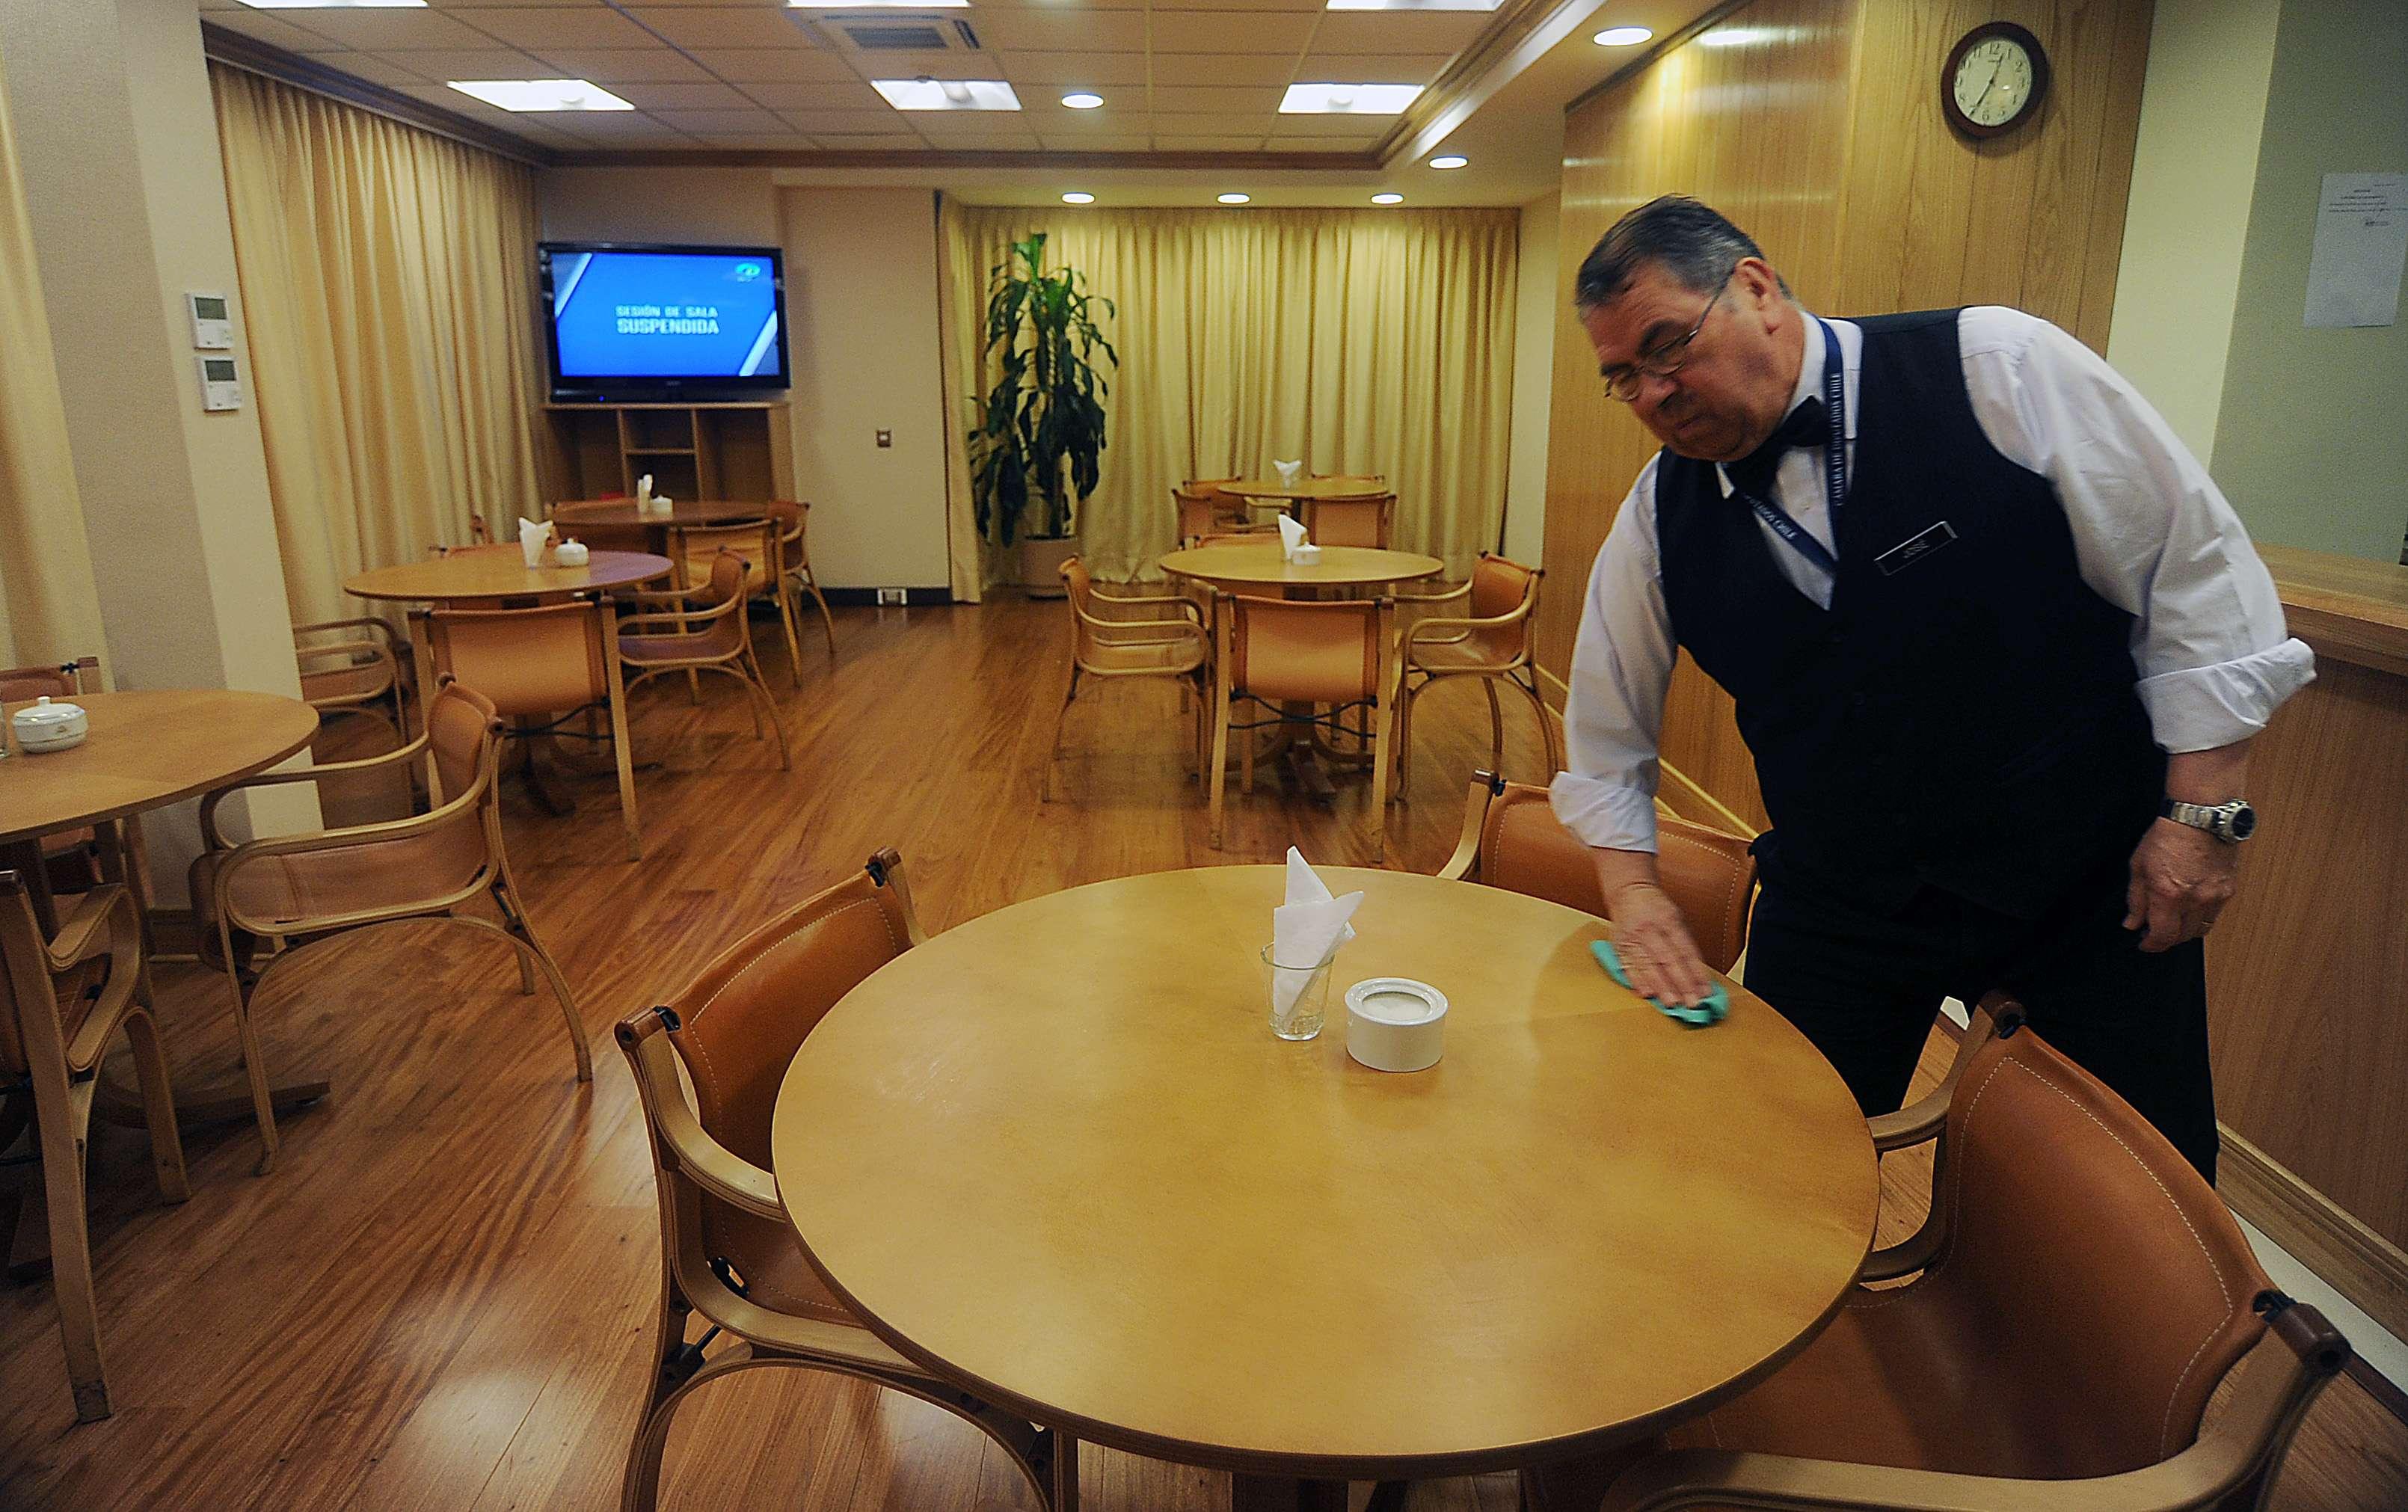 El presidente de la Cámara de Diputados Aldo Cornejo muestra a la prensa la polémica cafetería VIP de los parlamentarios en el Congreso que habría costado cerca de $772 millones. Foto: Agencia Uno